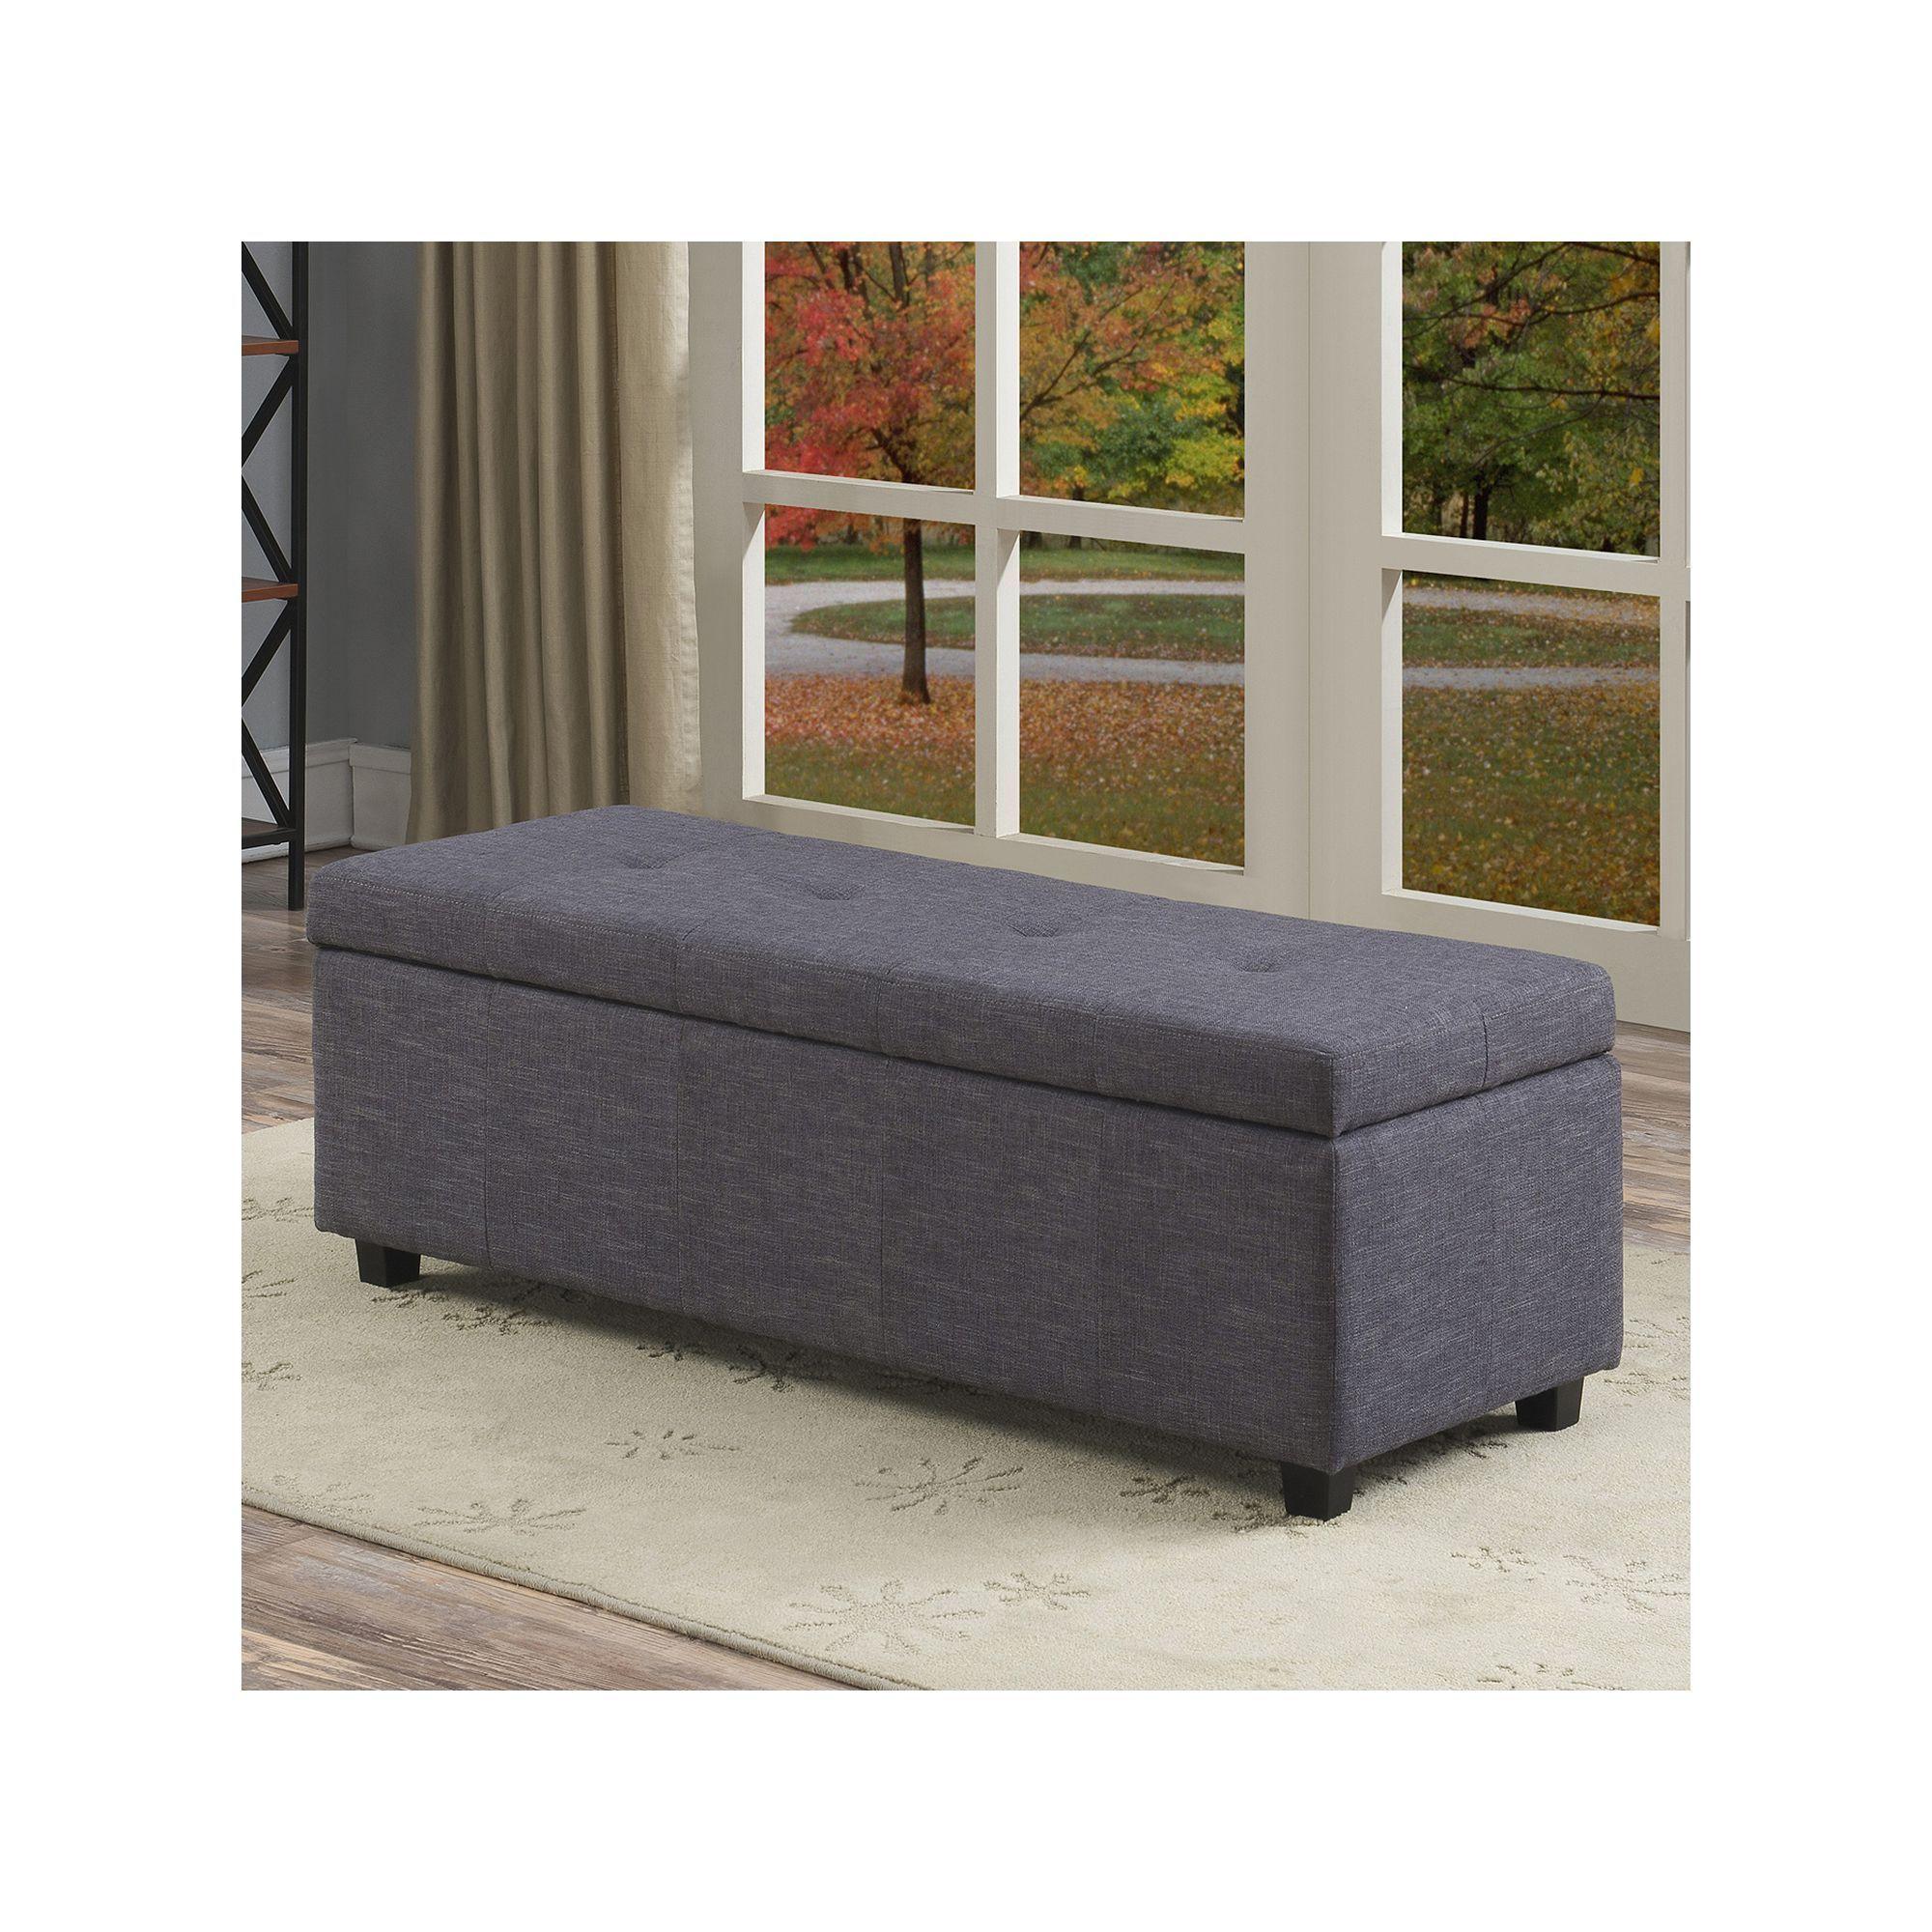 Fabulous Simpli Home Castleford Large Rectangular Storage Ottoman Short Links Chair Design For Home Short Linksinfo